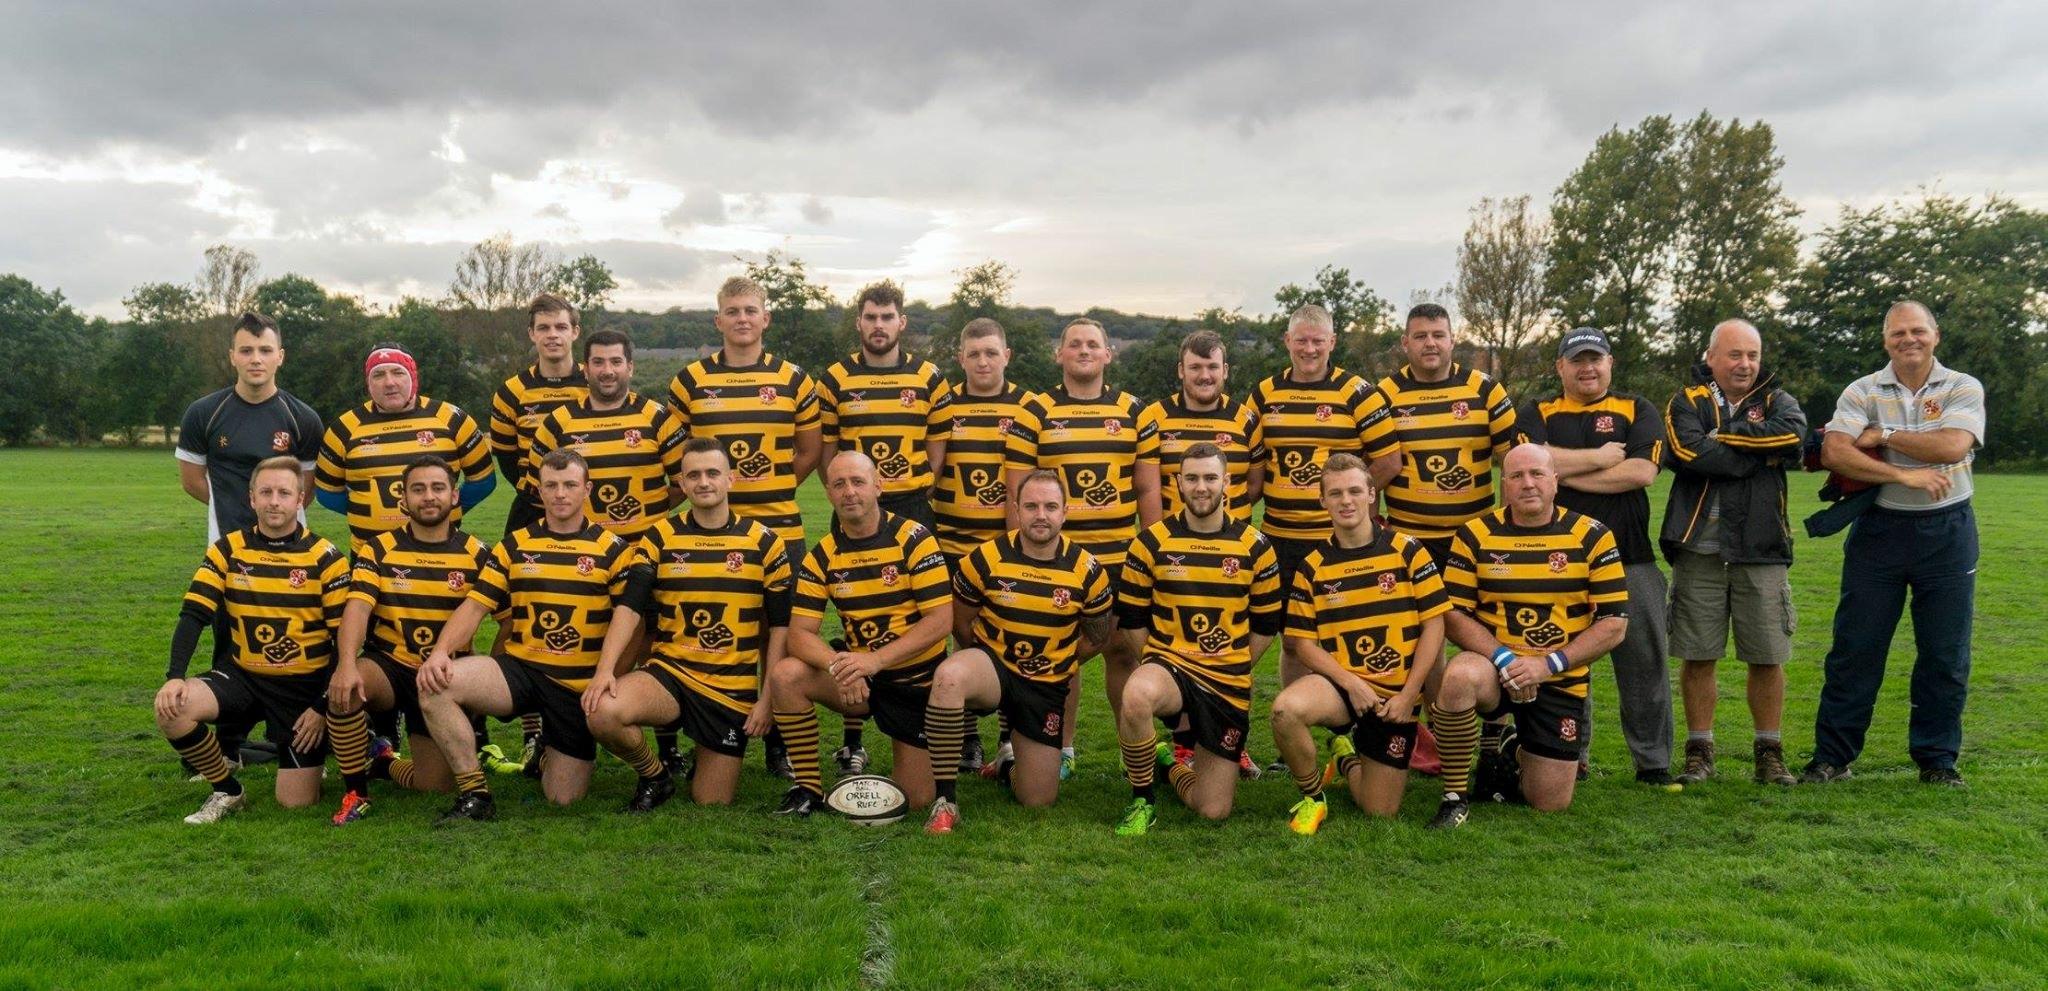 Amateur Football Teams 74